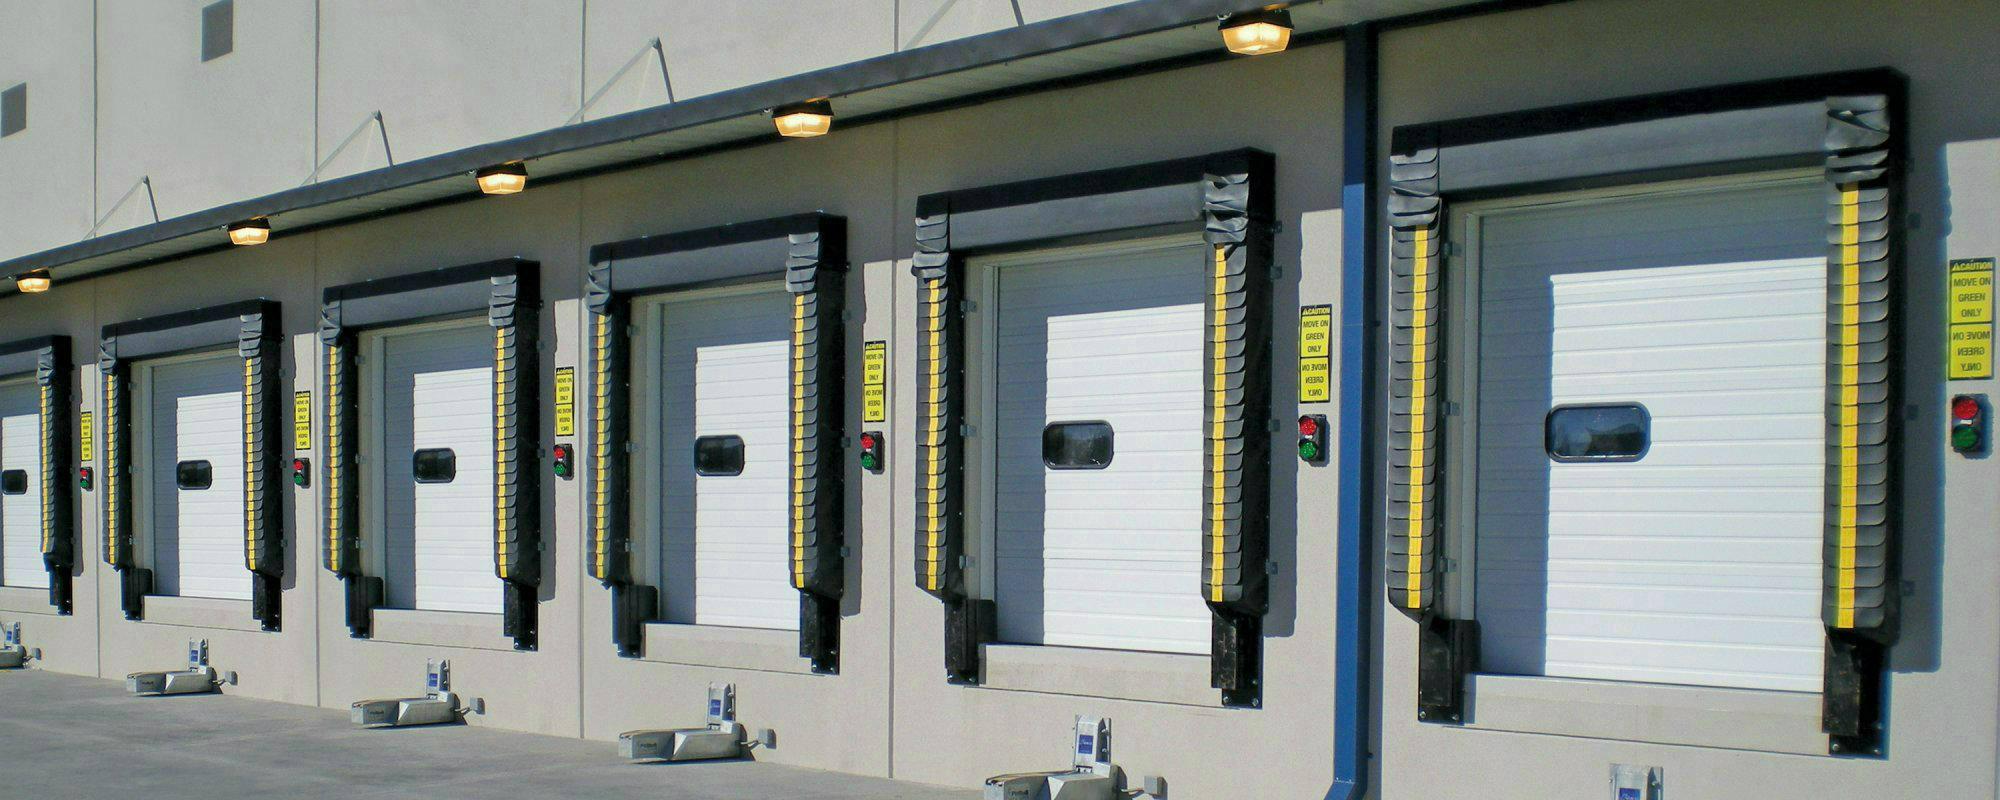 loading-dock.jpg